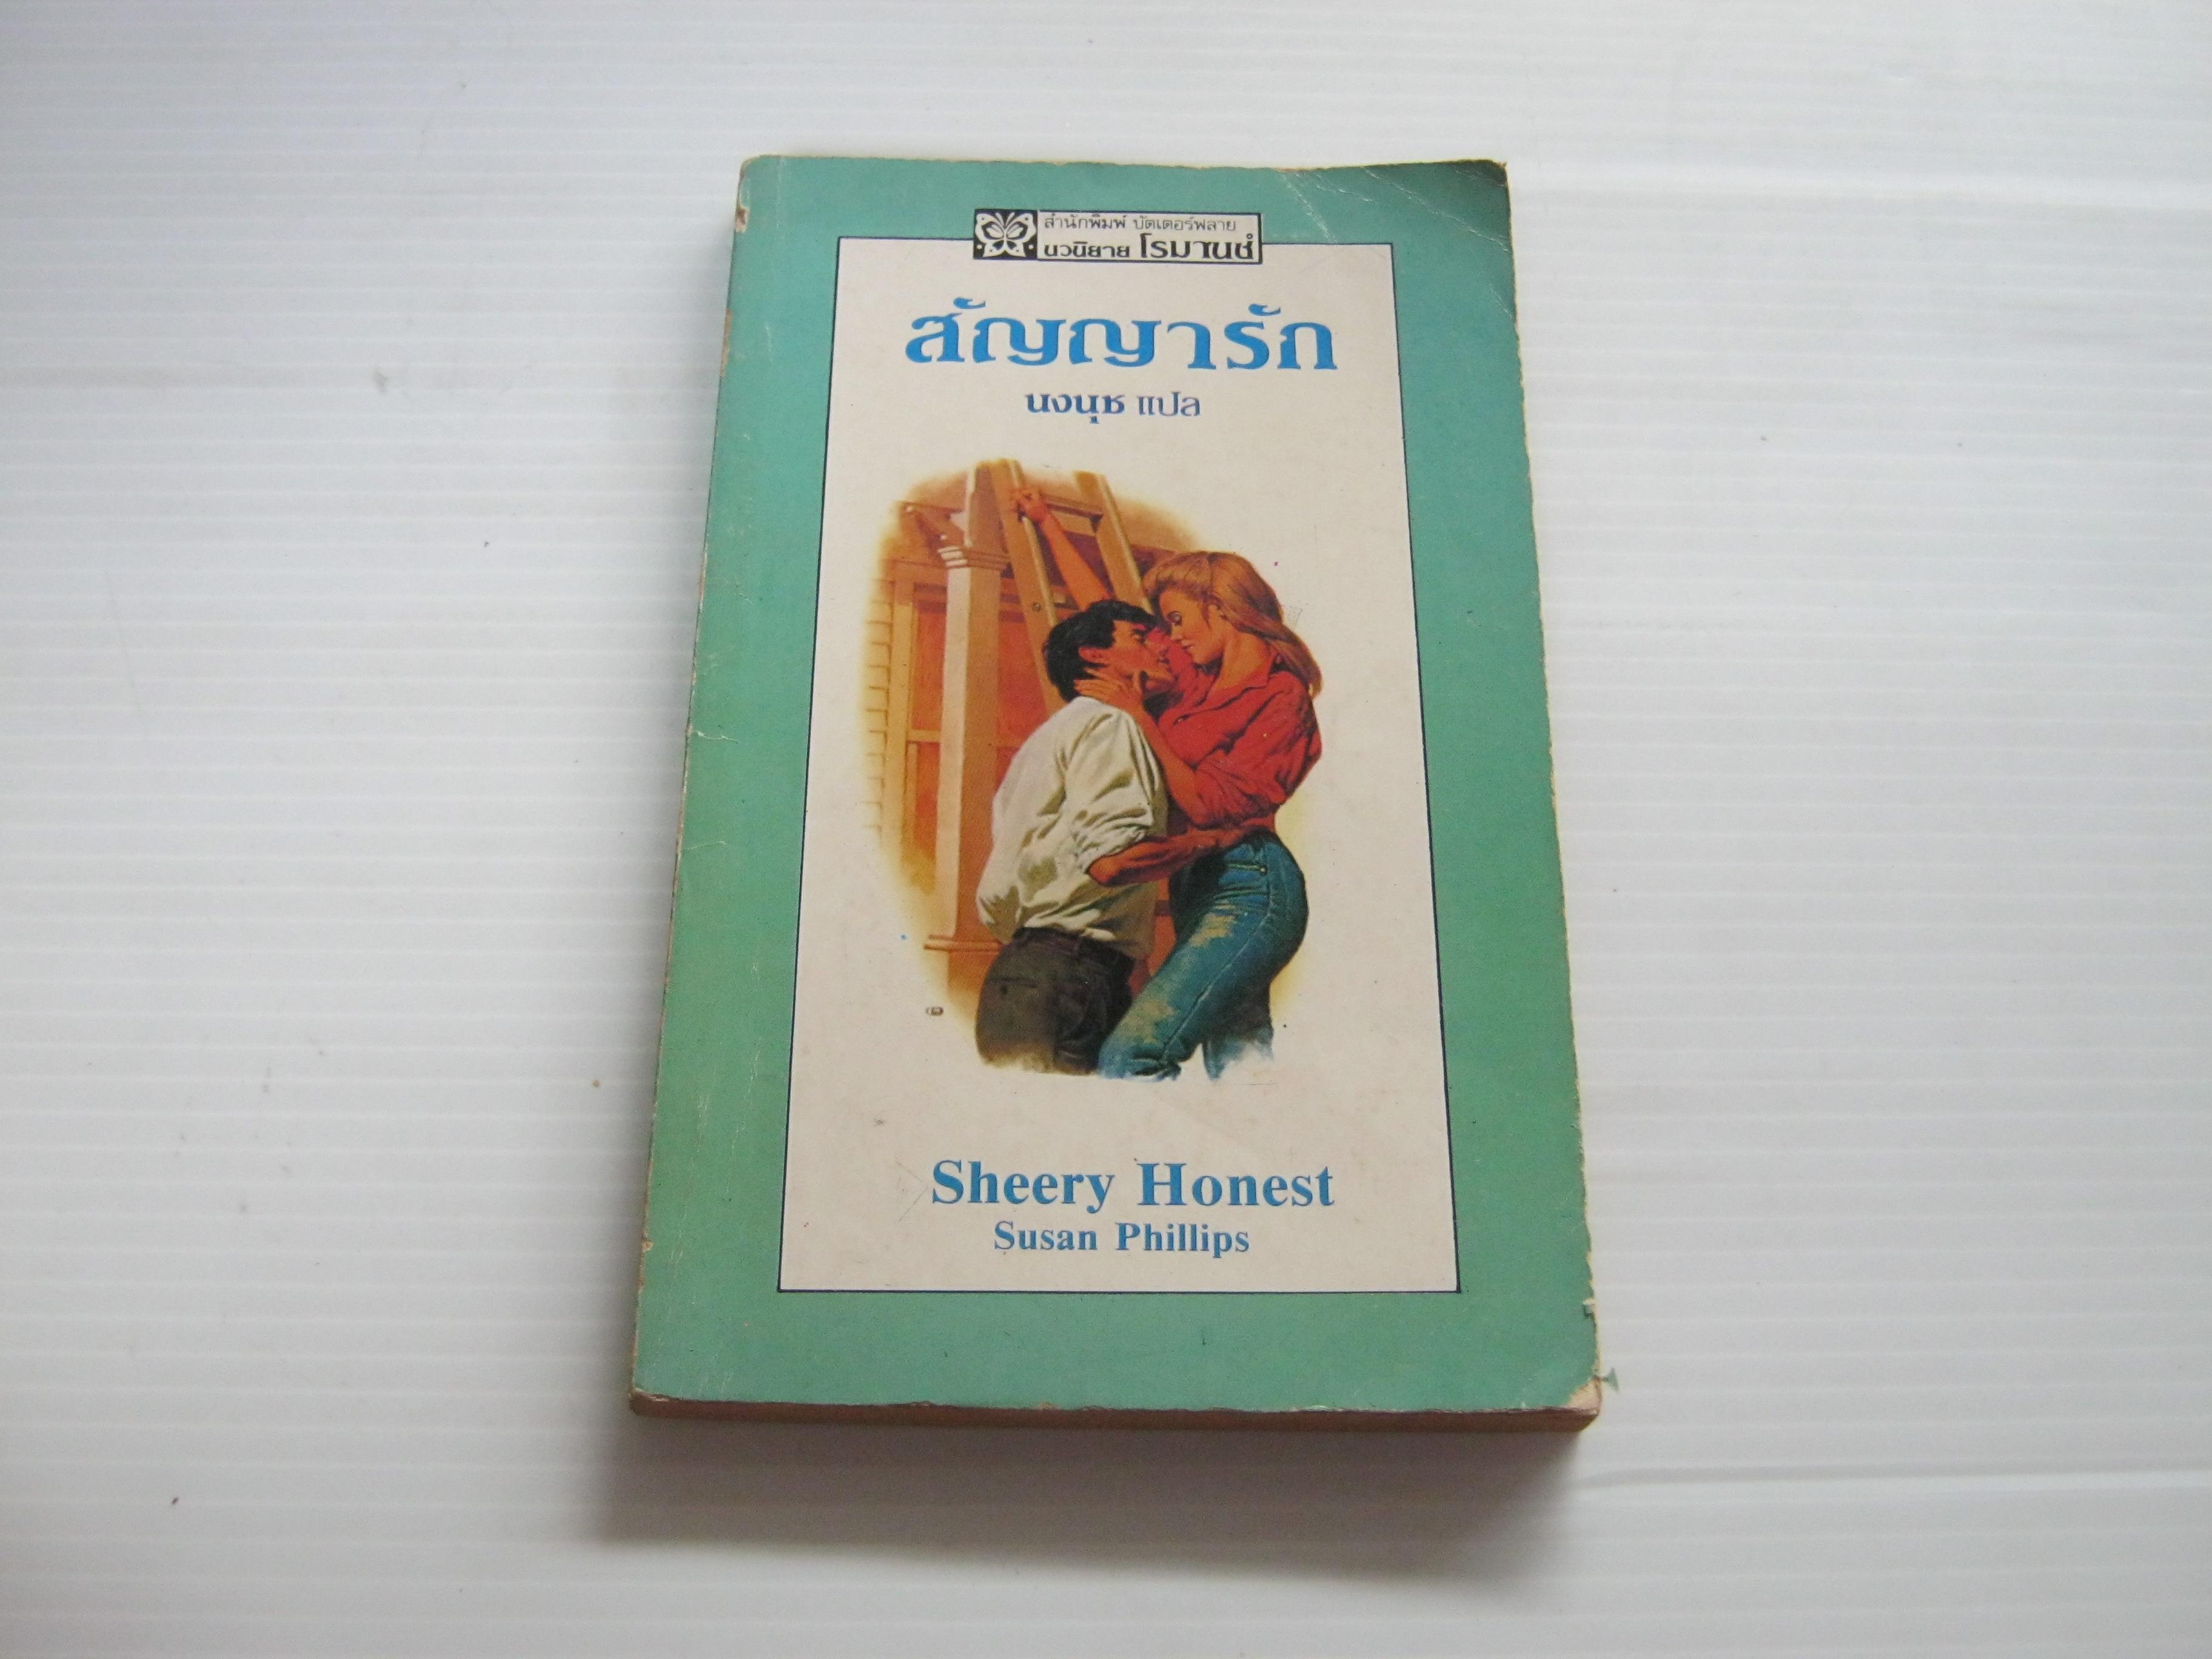 สัญญารัก (Sheery Honest) Susan Philips เขียน นงนุช แปล